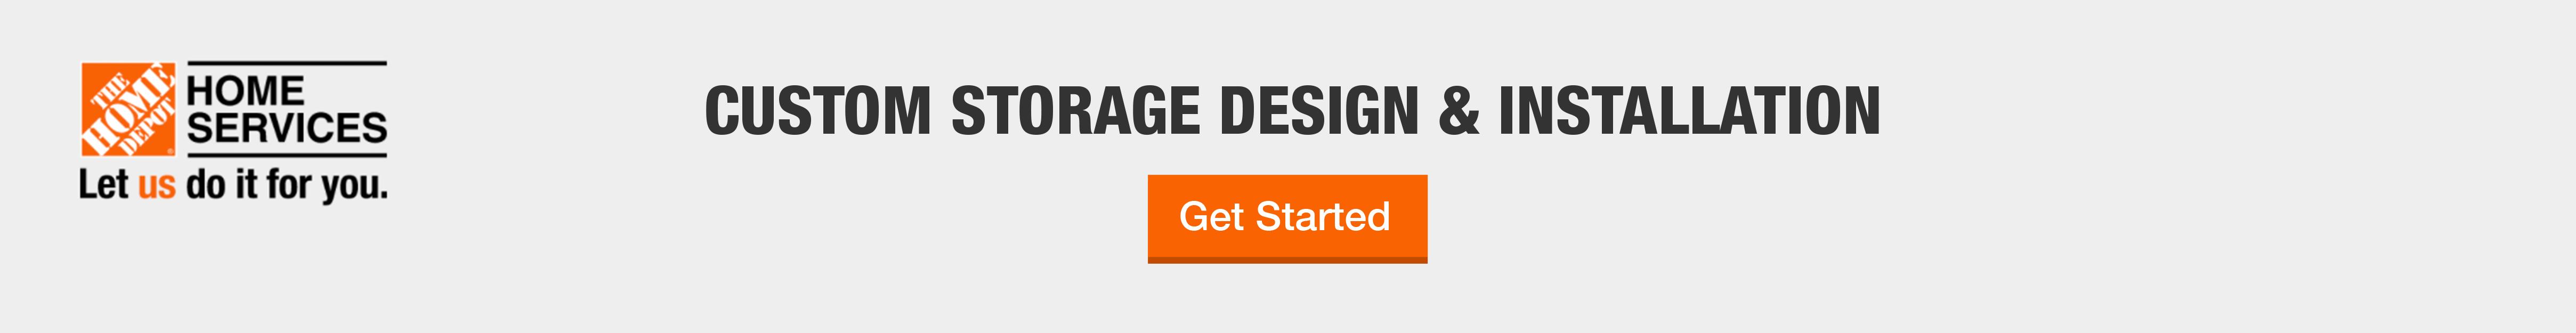 Custom Storage Design & Installation - Get Started